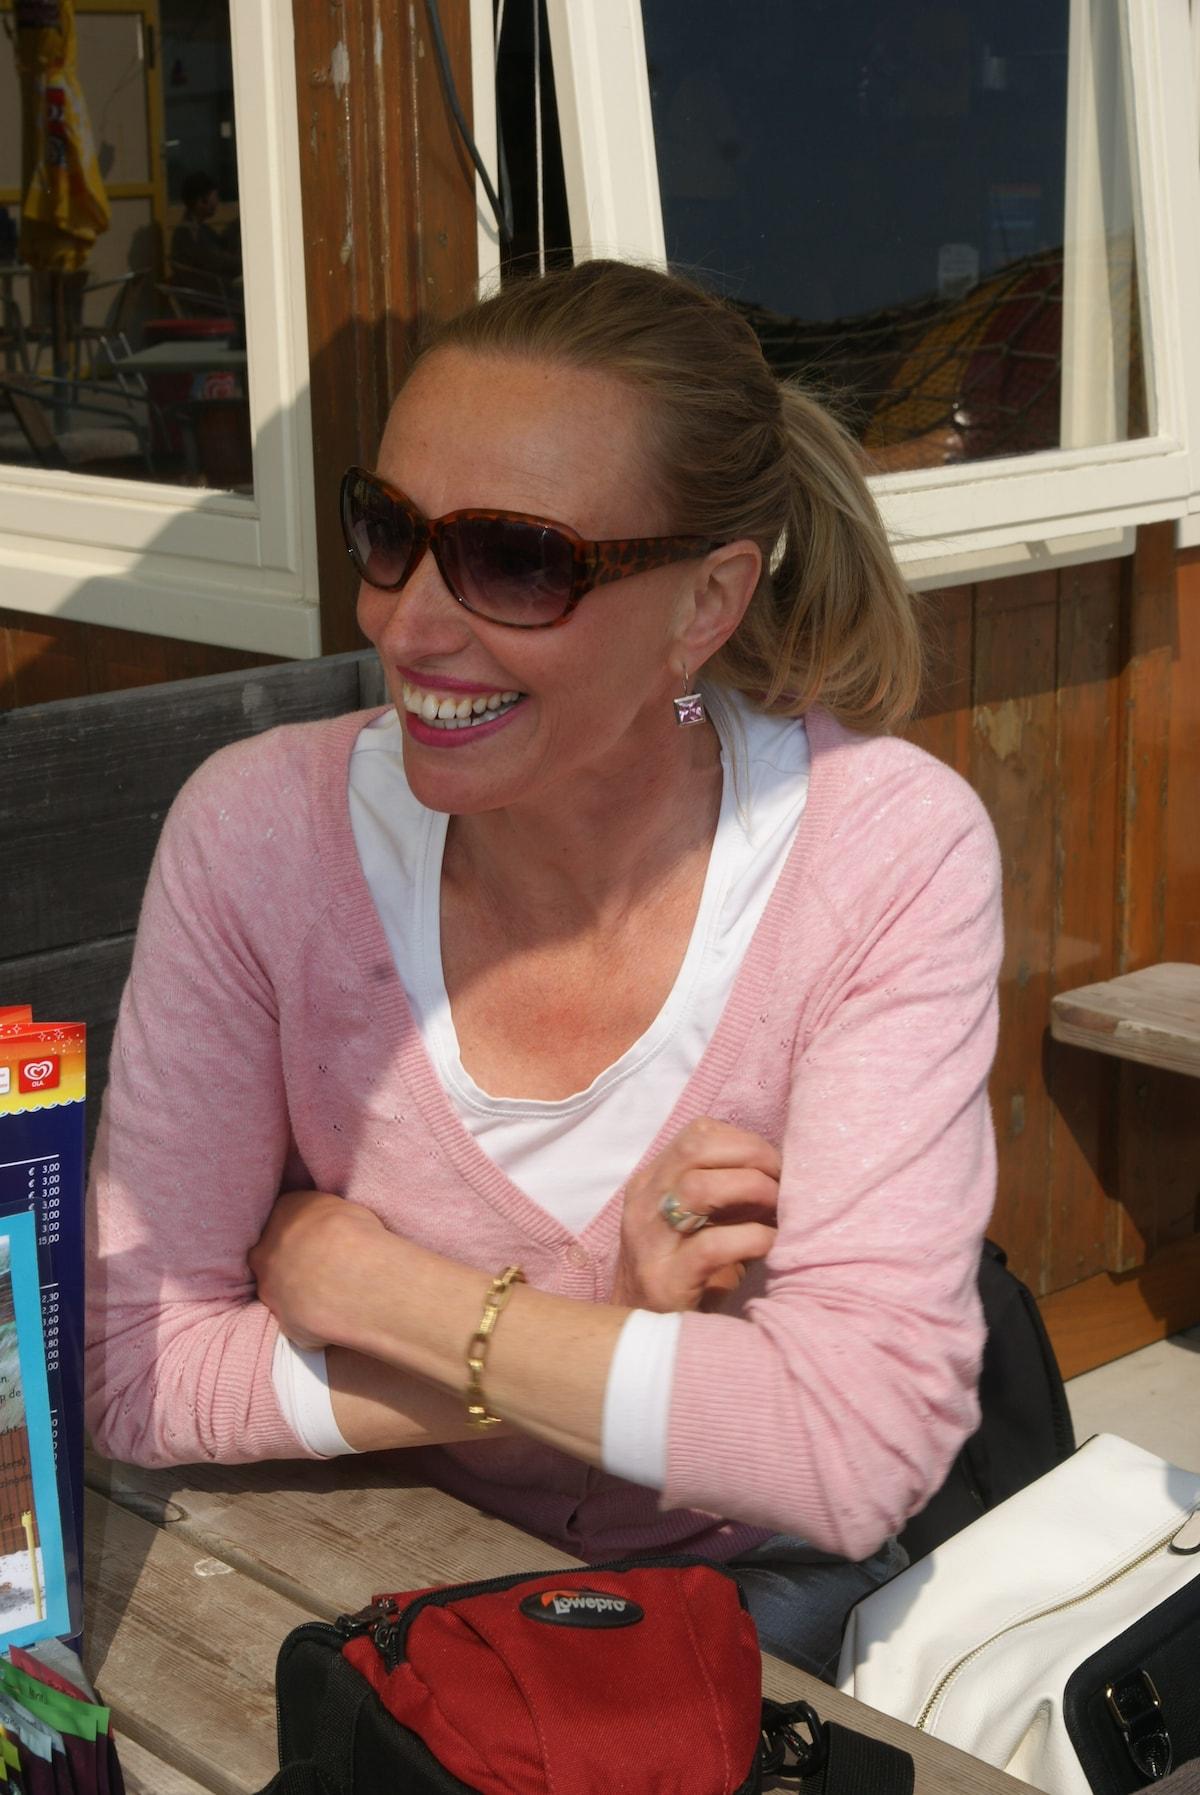 Ingrid from Amersfoort